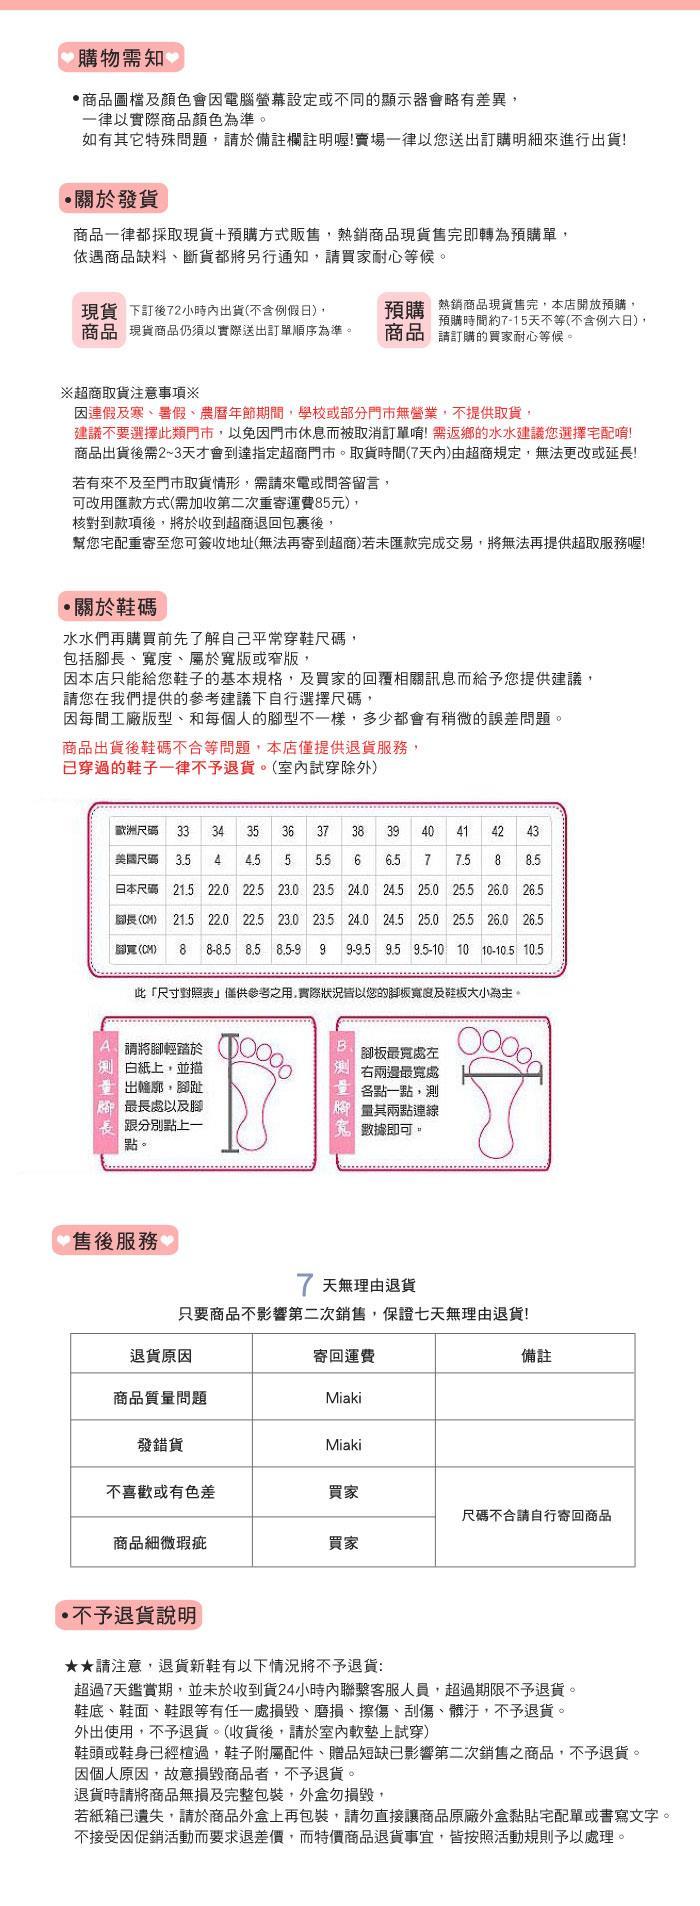 921b1b5d-81e3-4b2e-a684-4f7d44c1118e.jpg